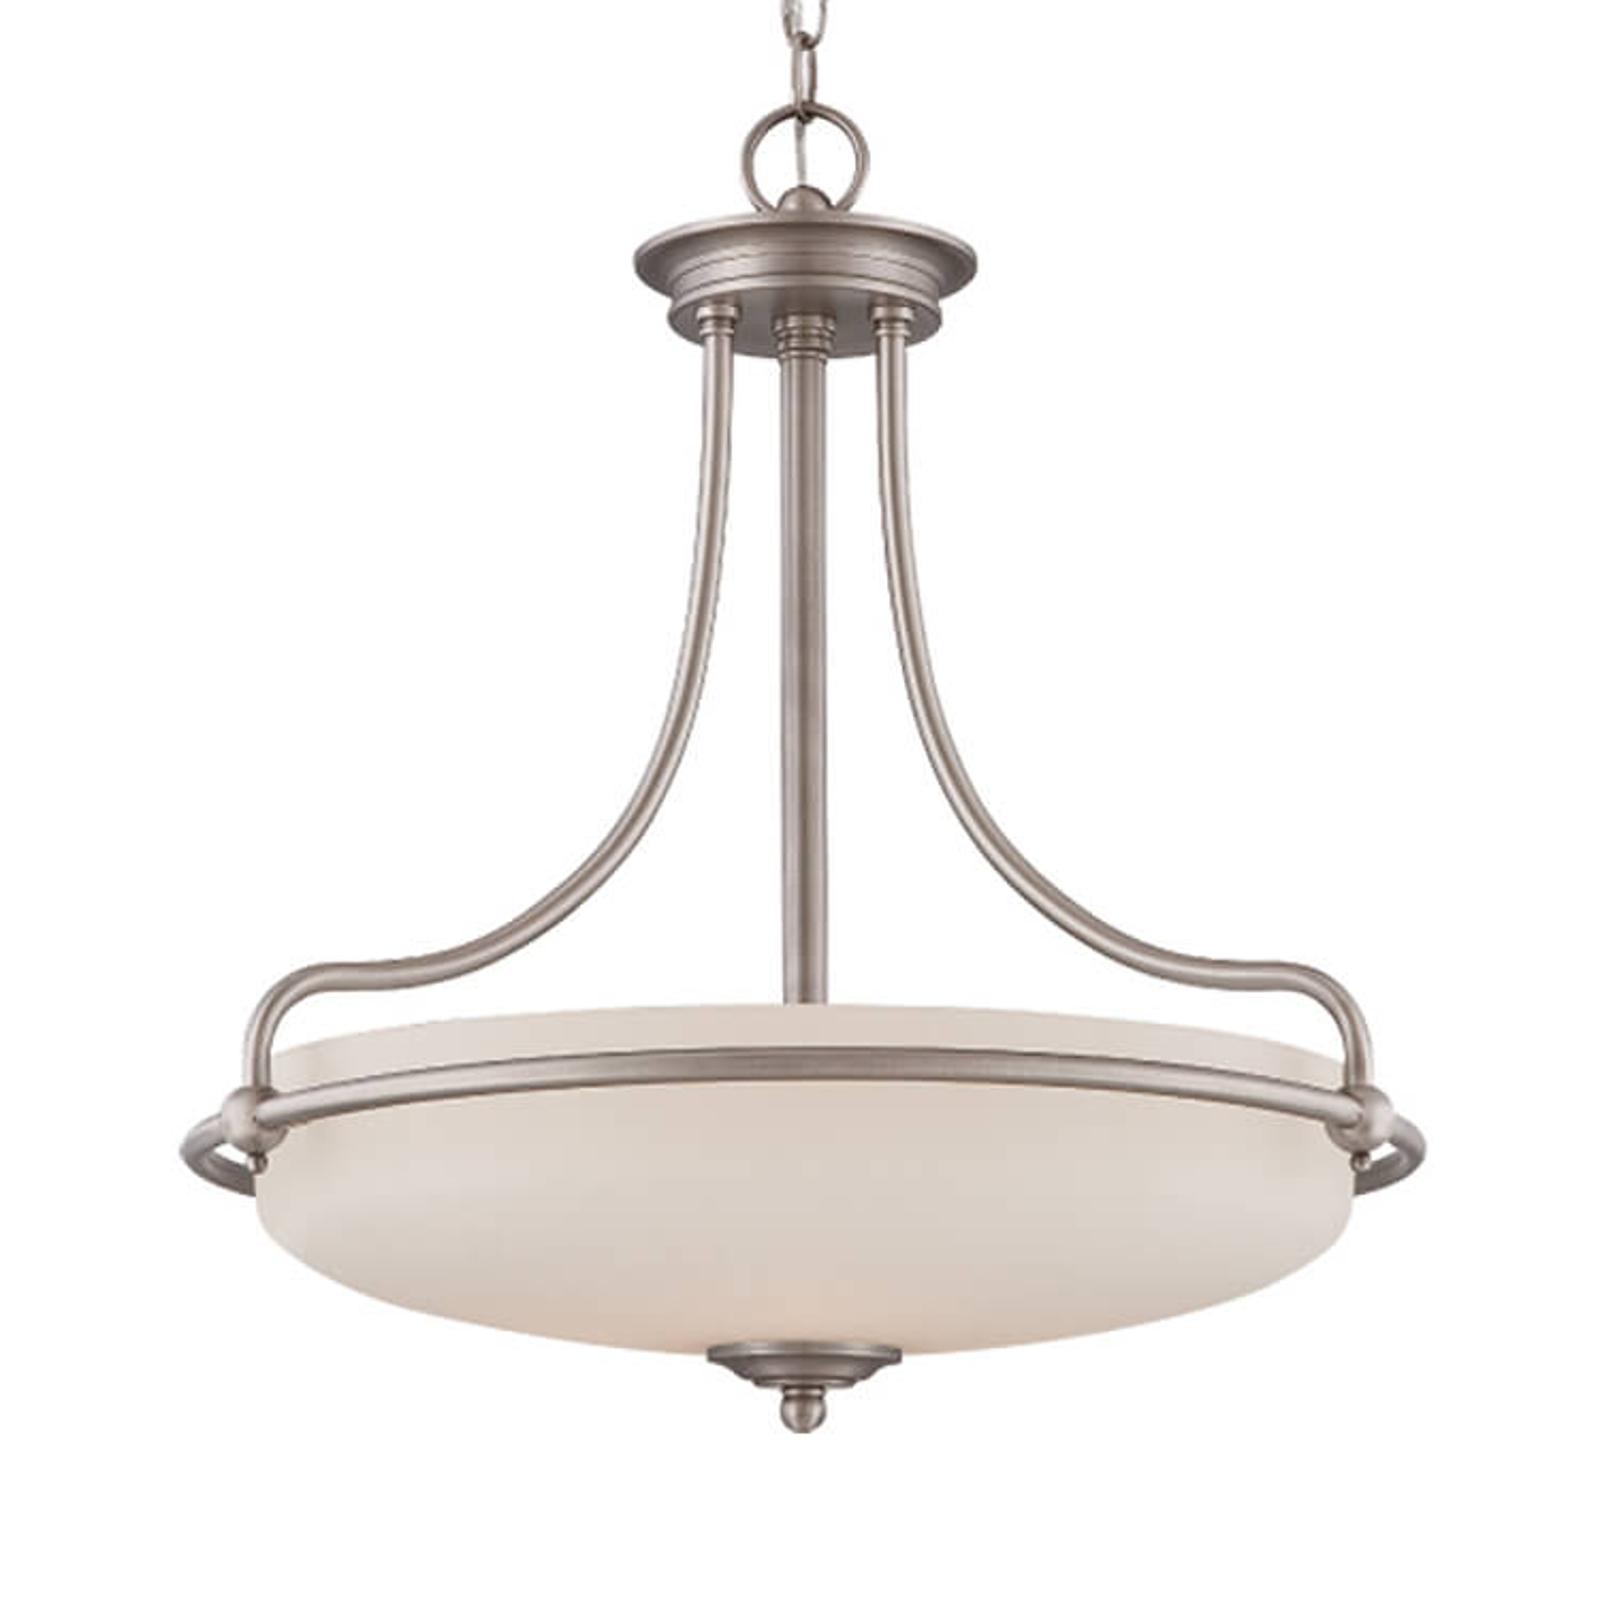 Hanglamp Griffin antiek nikkel